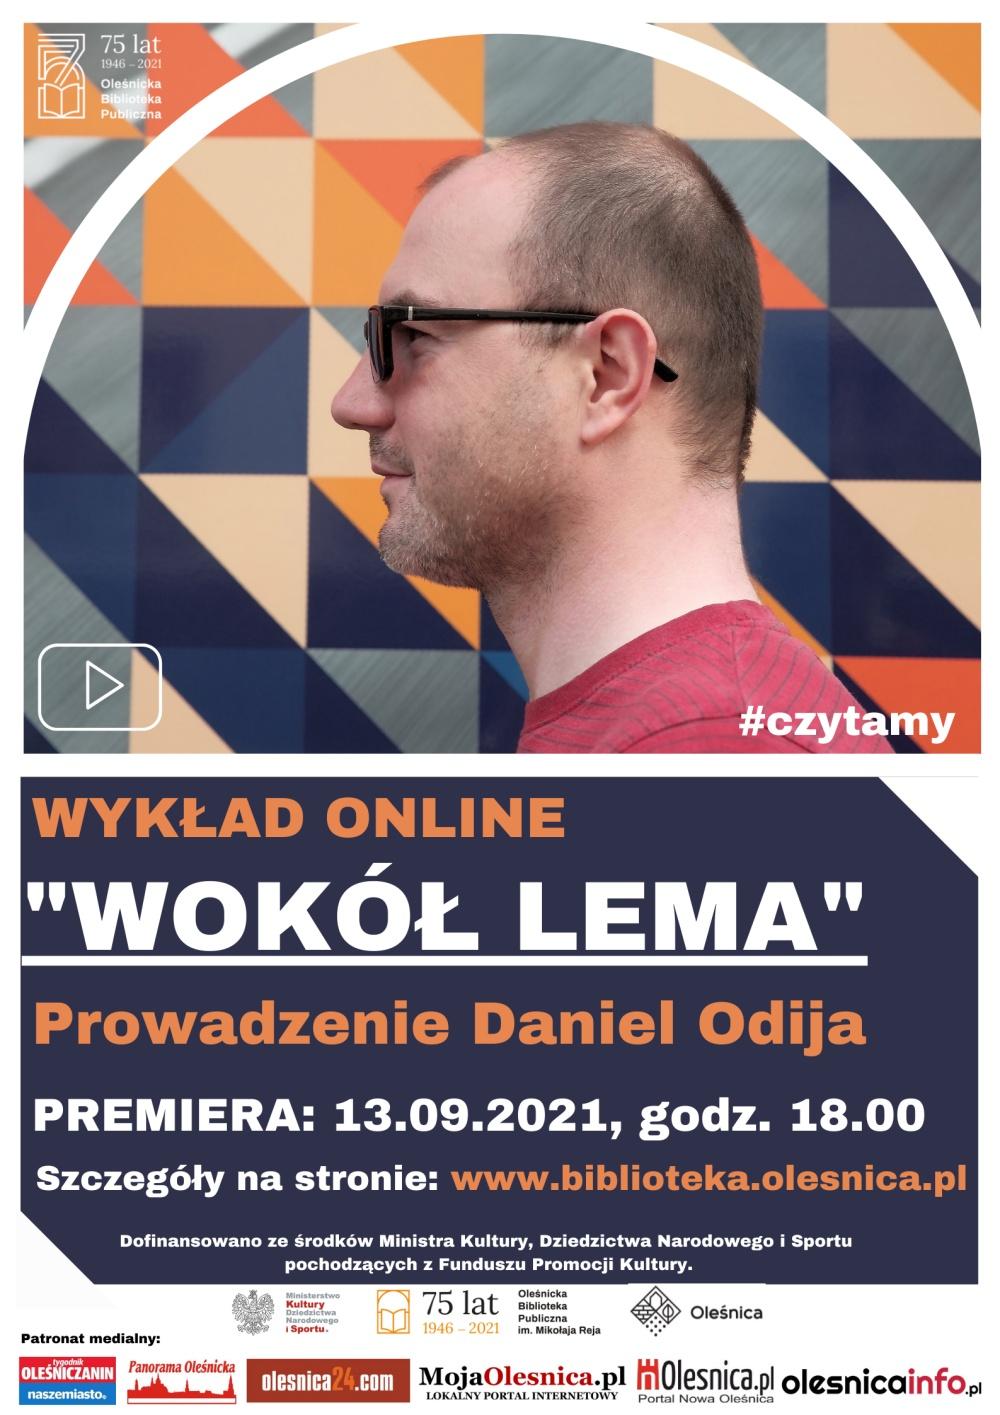 Plakat promujący wykład online